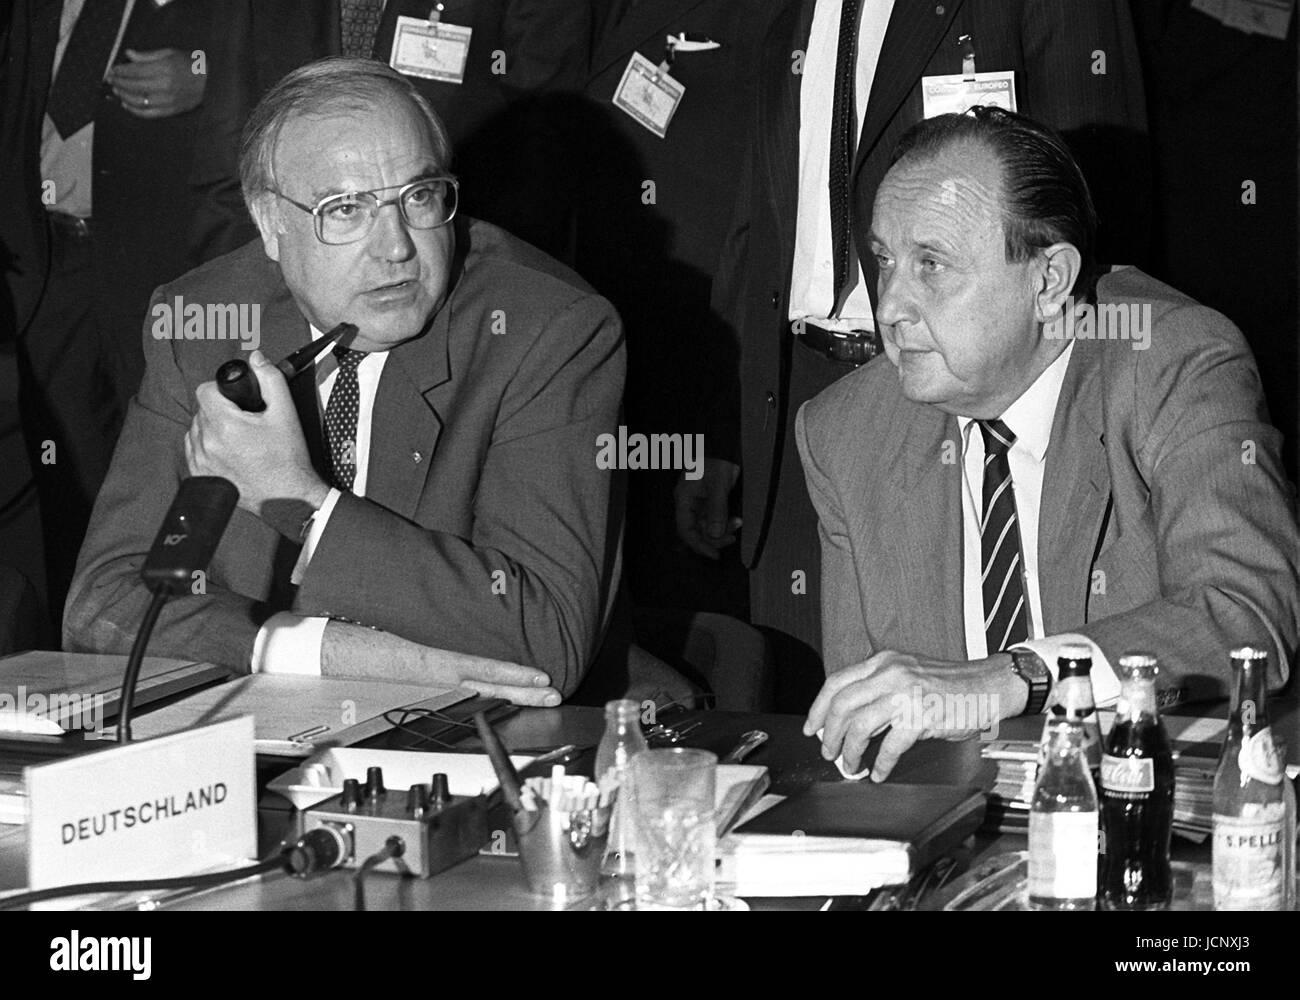 Le chancelier allemand Helmut Kohl (l) et le ministre des affaires étrangères, Hans-Dietrich Genscher (r) à la 32e ce sommet de Villa Sports & Flavors le 28 juin 1985. Banque D'Images